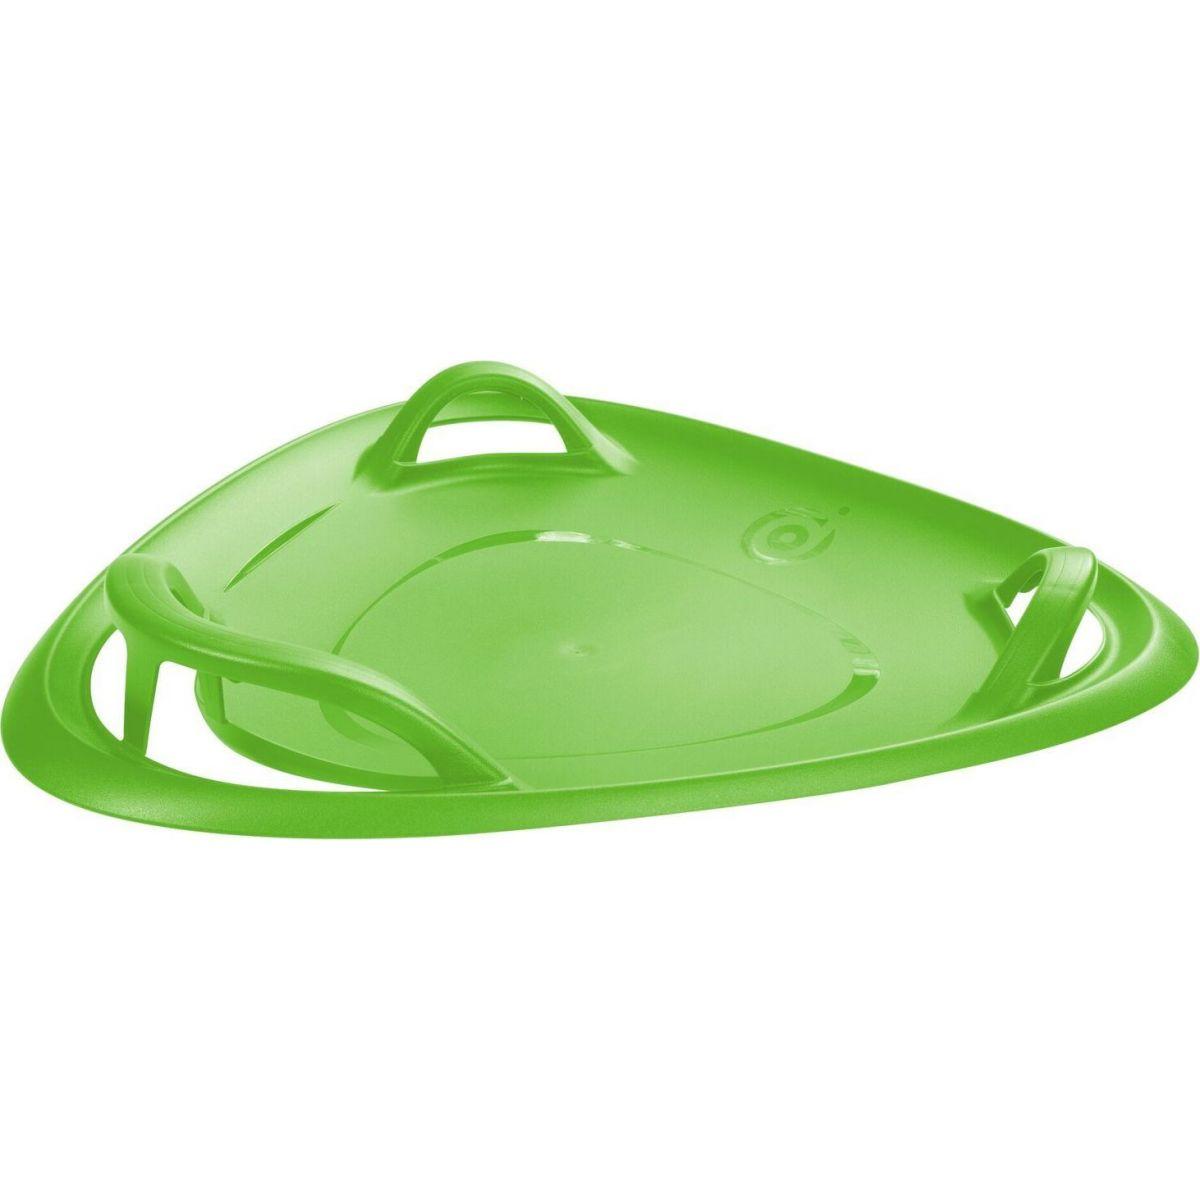 Plastkon Meteor Kluzák 70 zelený